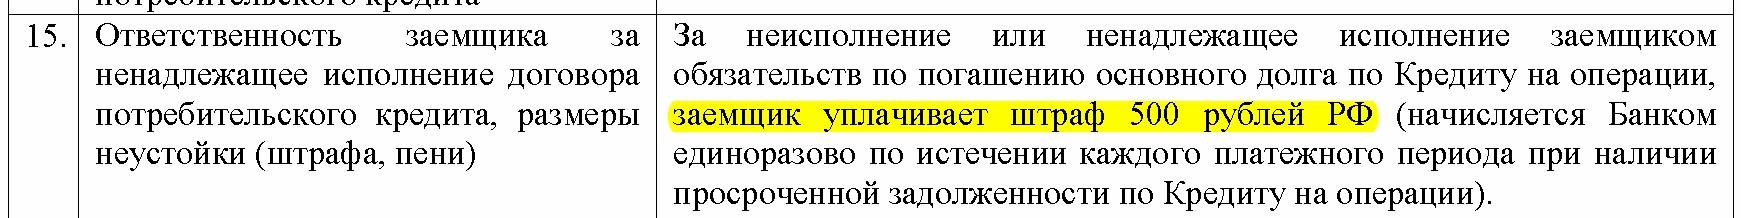 Конвертер валют онлайн украина приватбанк рубли в гривны